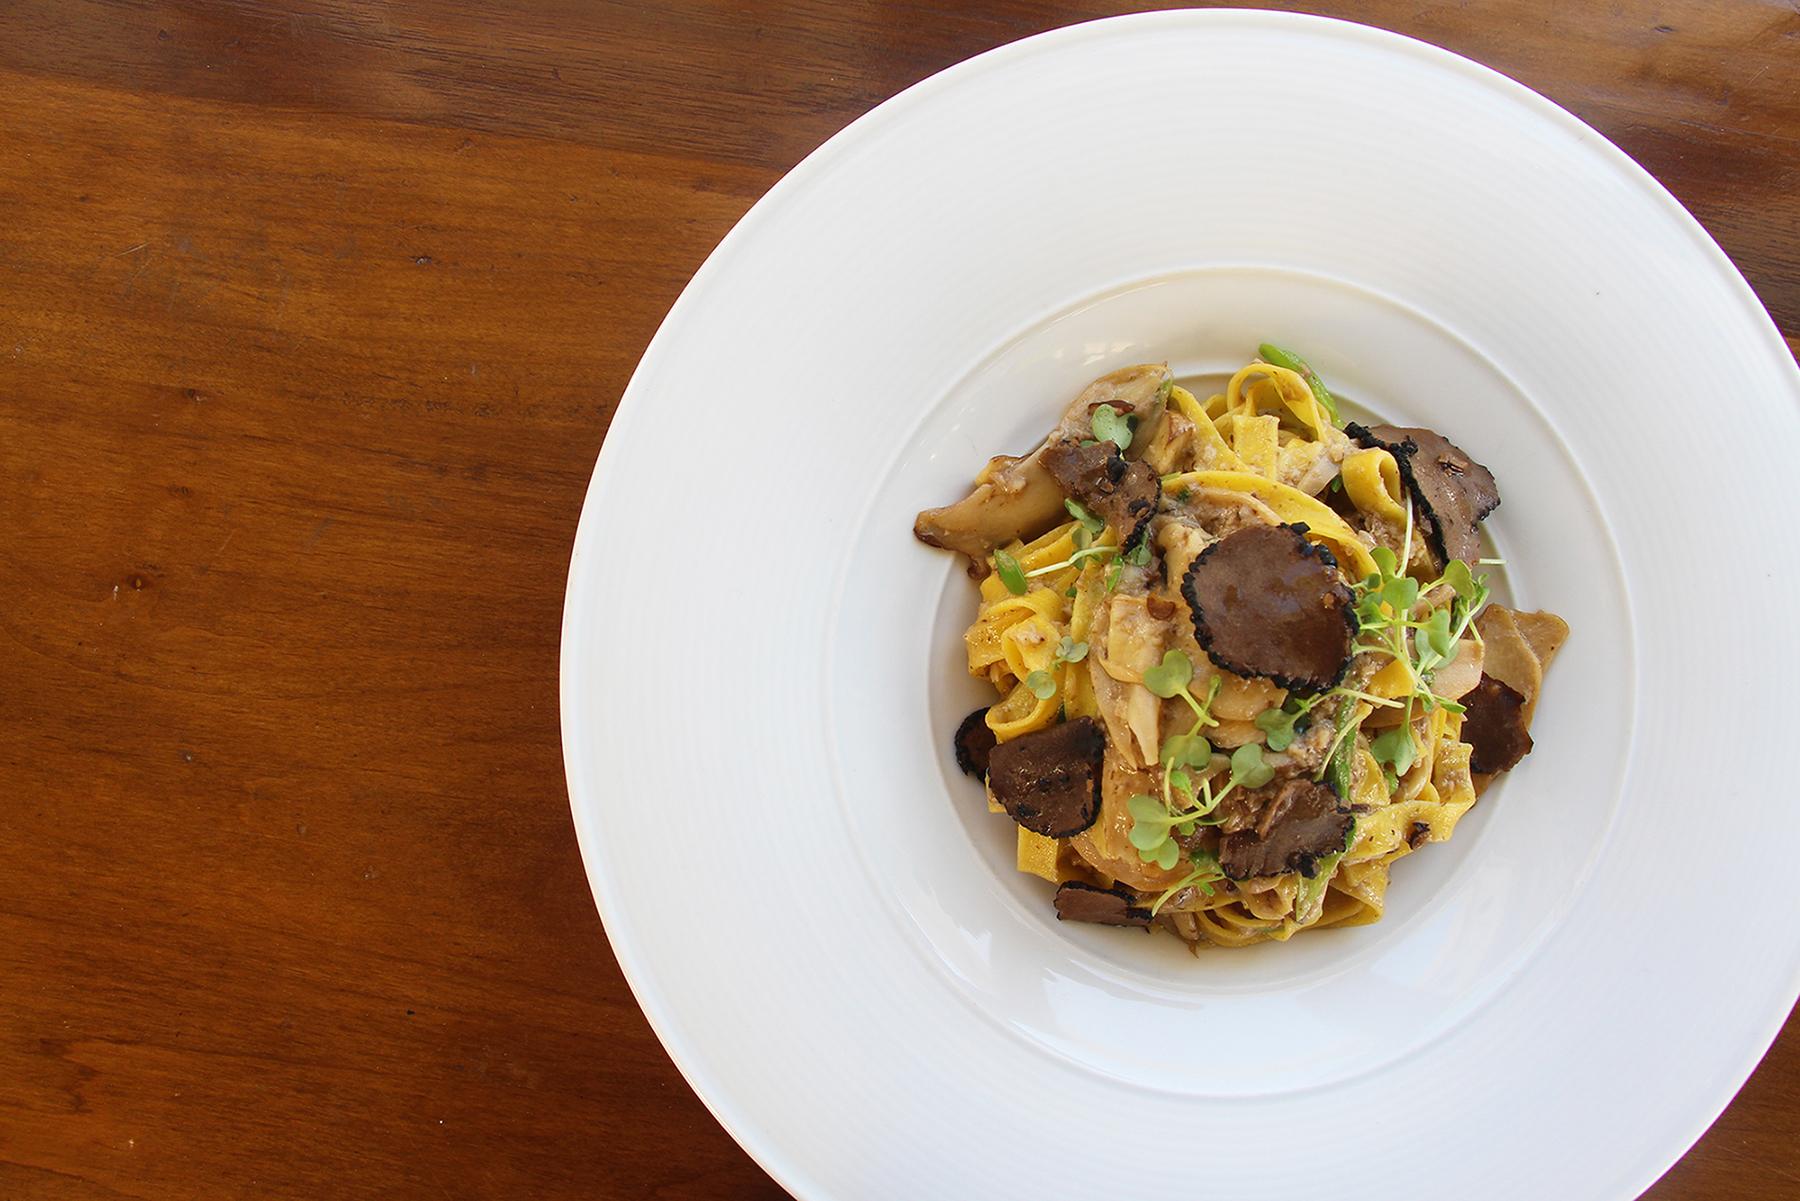 1-pico-nye-homemade-tagliatelle-2-smaller